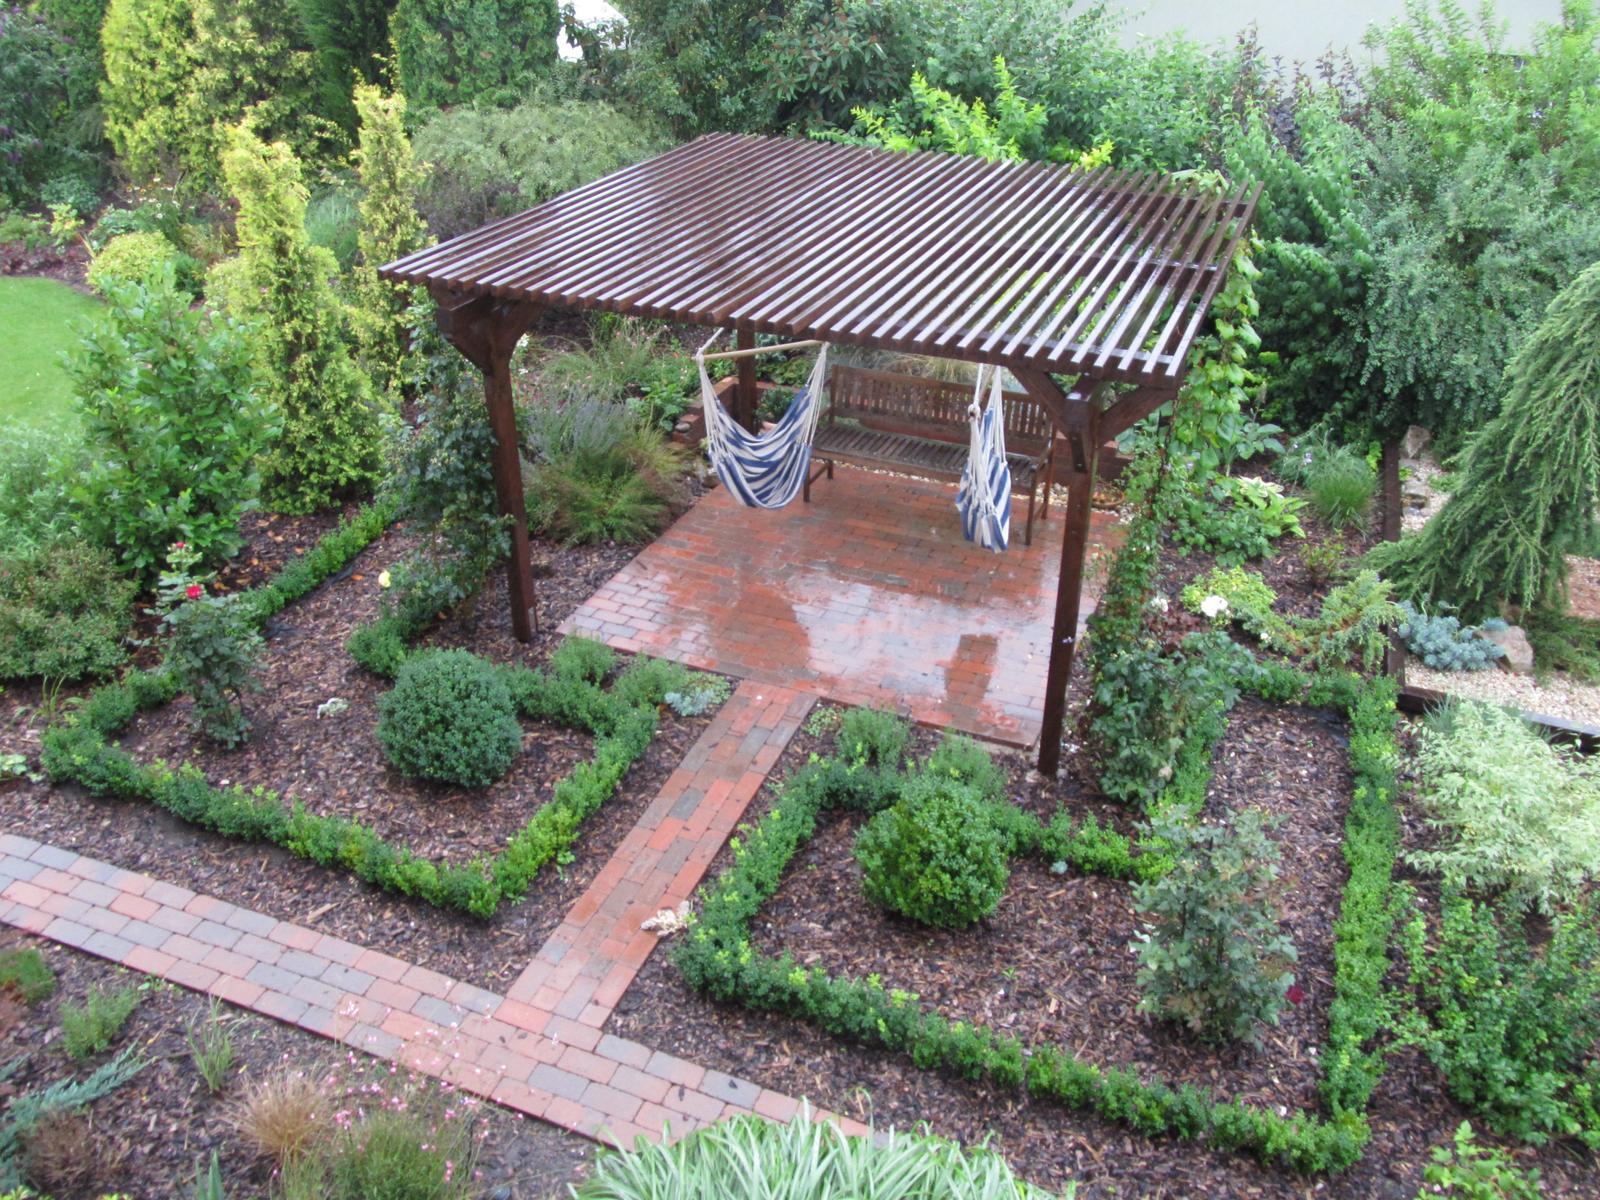 Zahrada z ptačí perspektivy - Obrázek č. 1